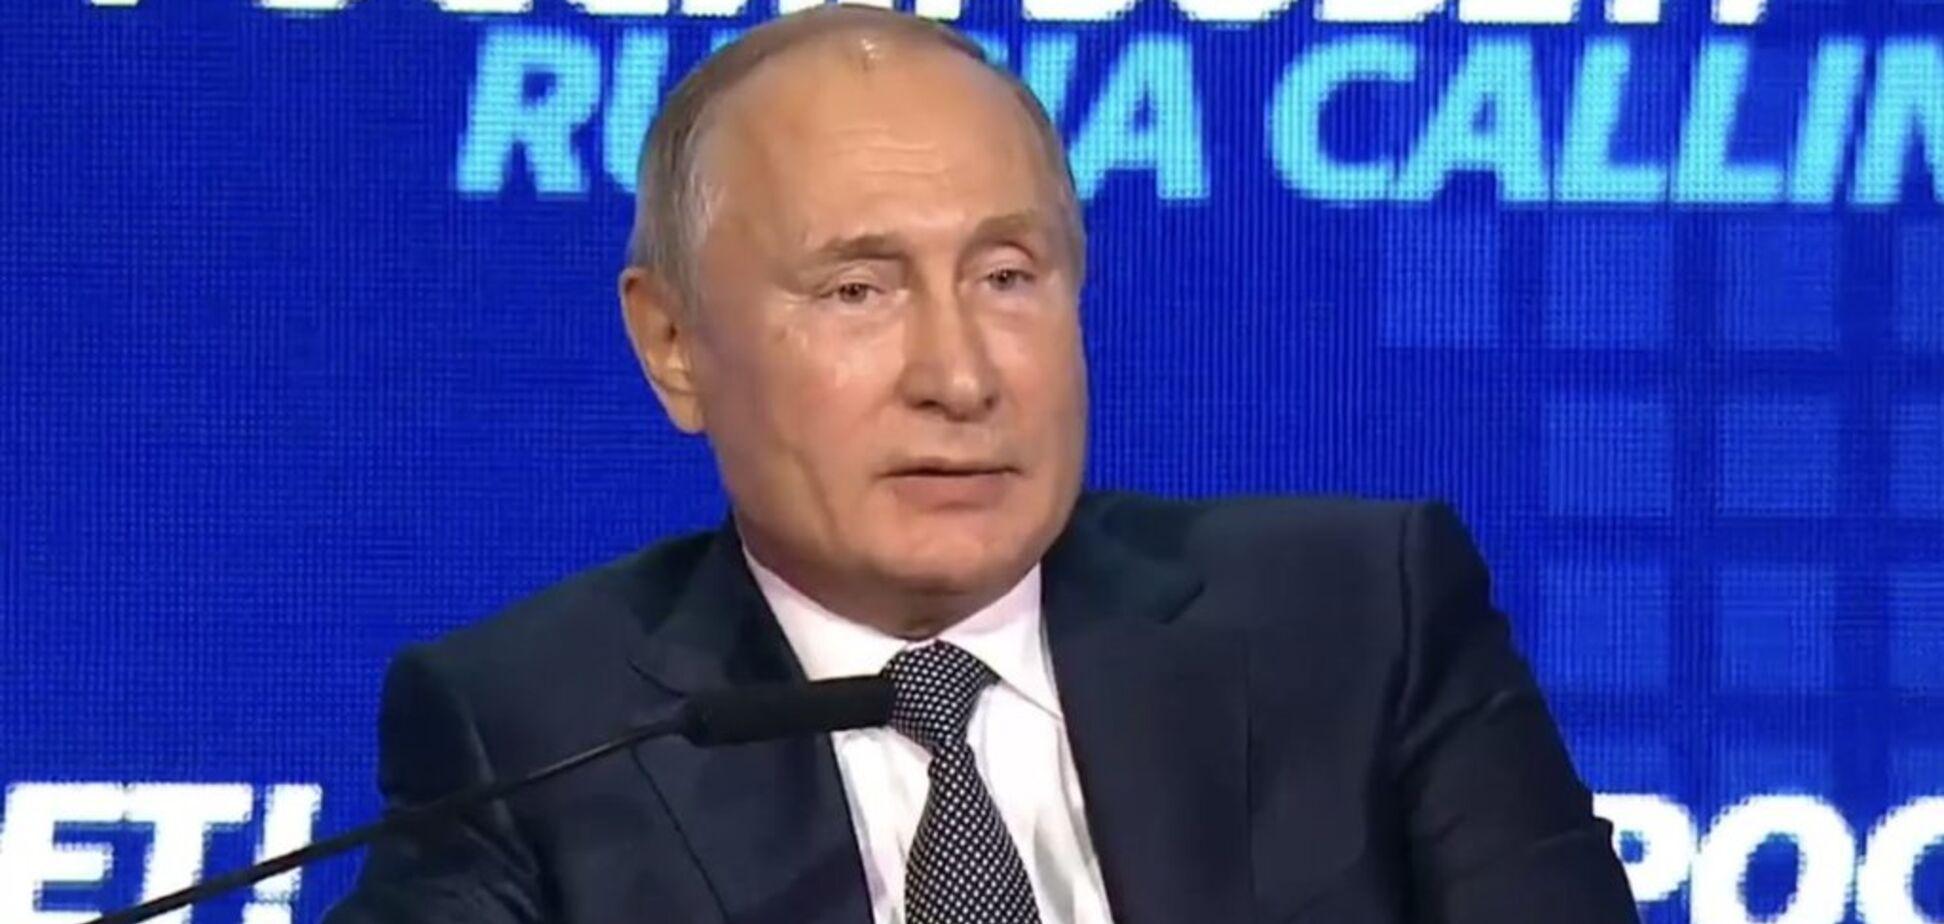 ''Брати навіки'' і ''немовлята на сніданок'': що наговорив Путін про Україну на форумі ''Росія кличе''